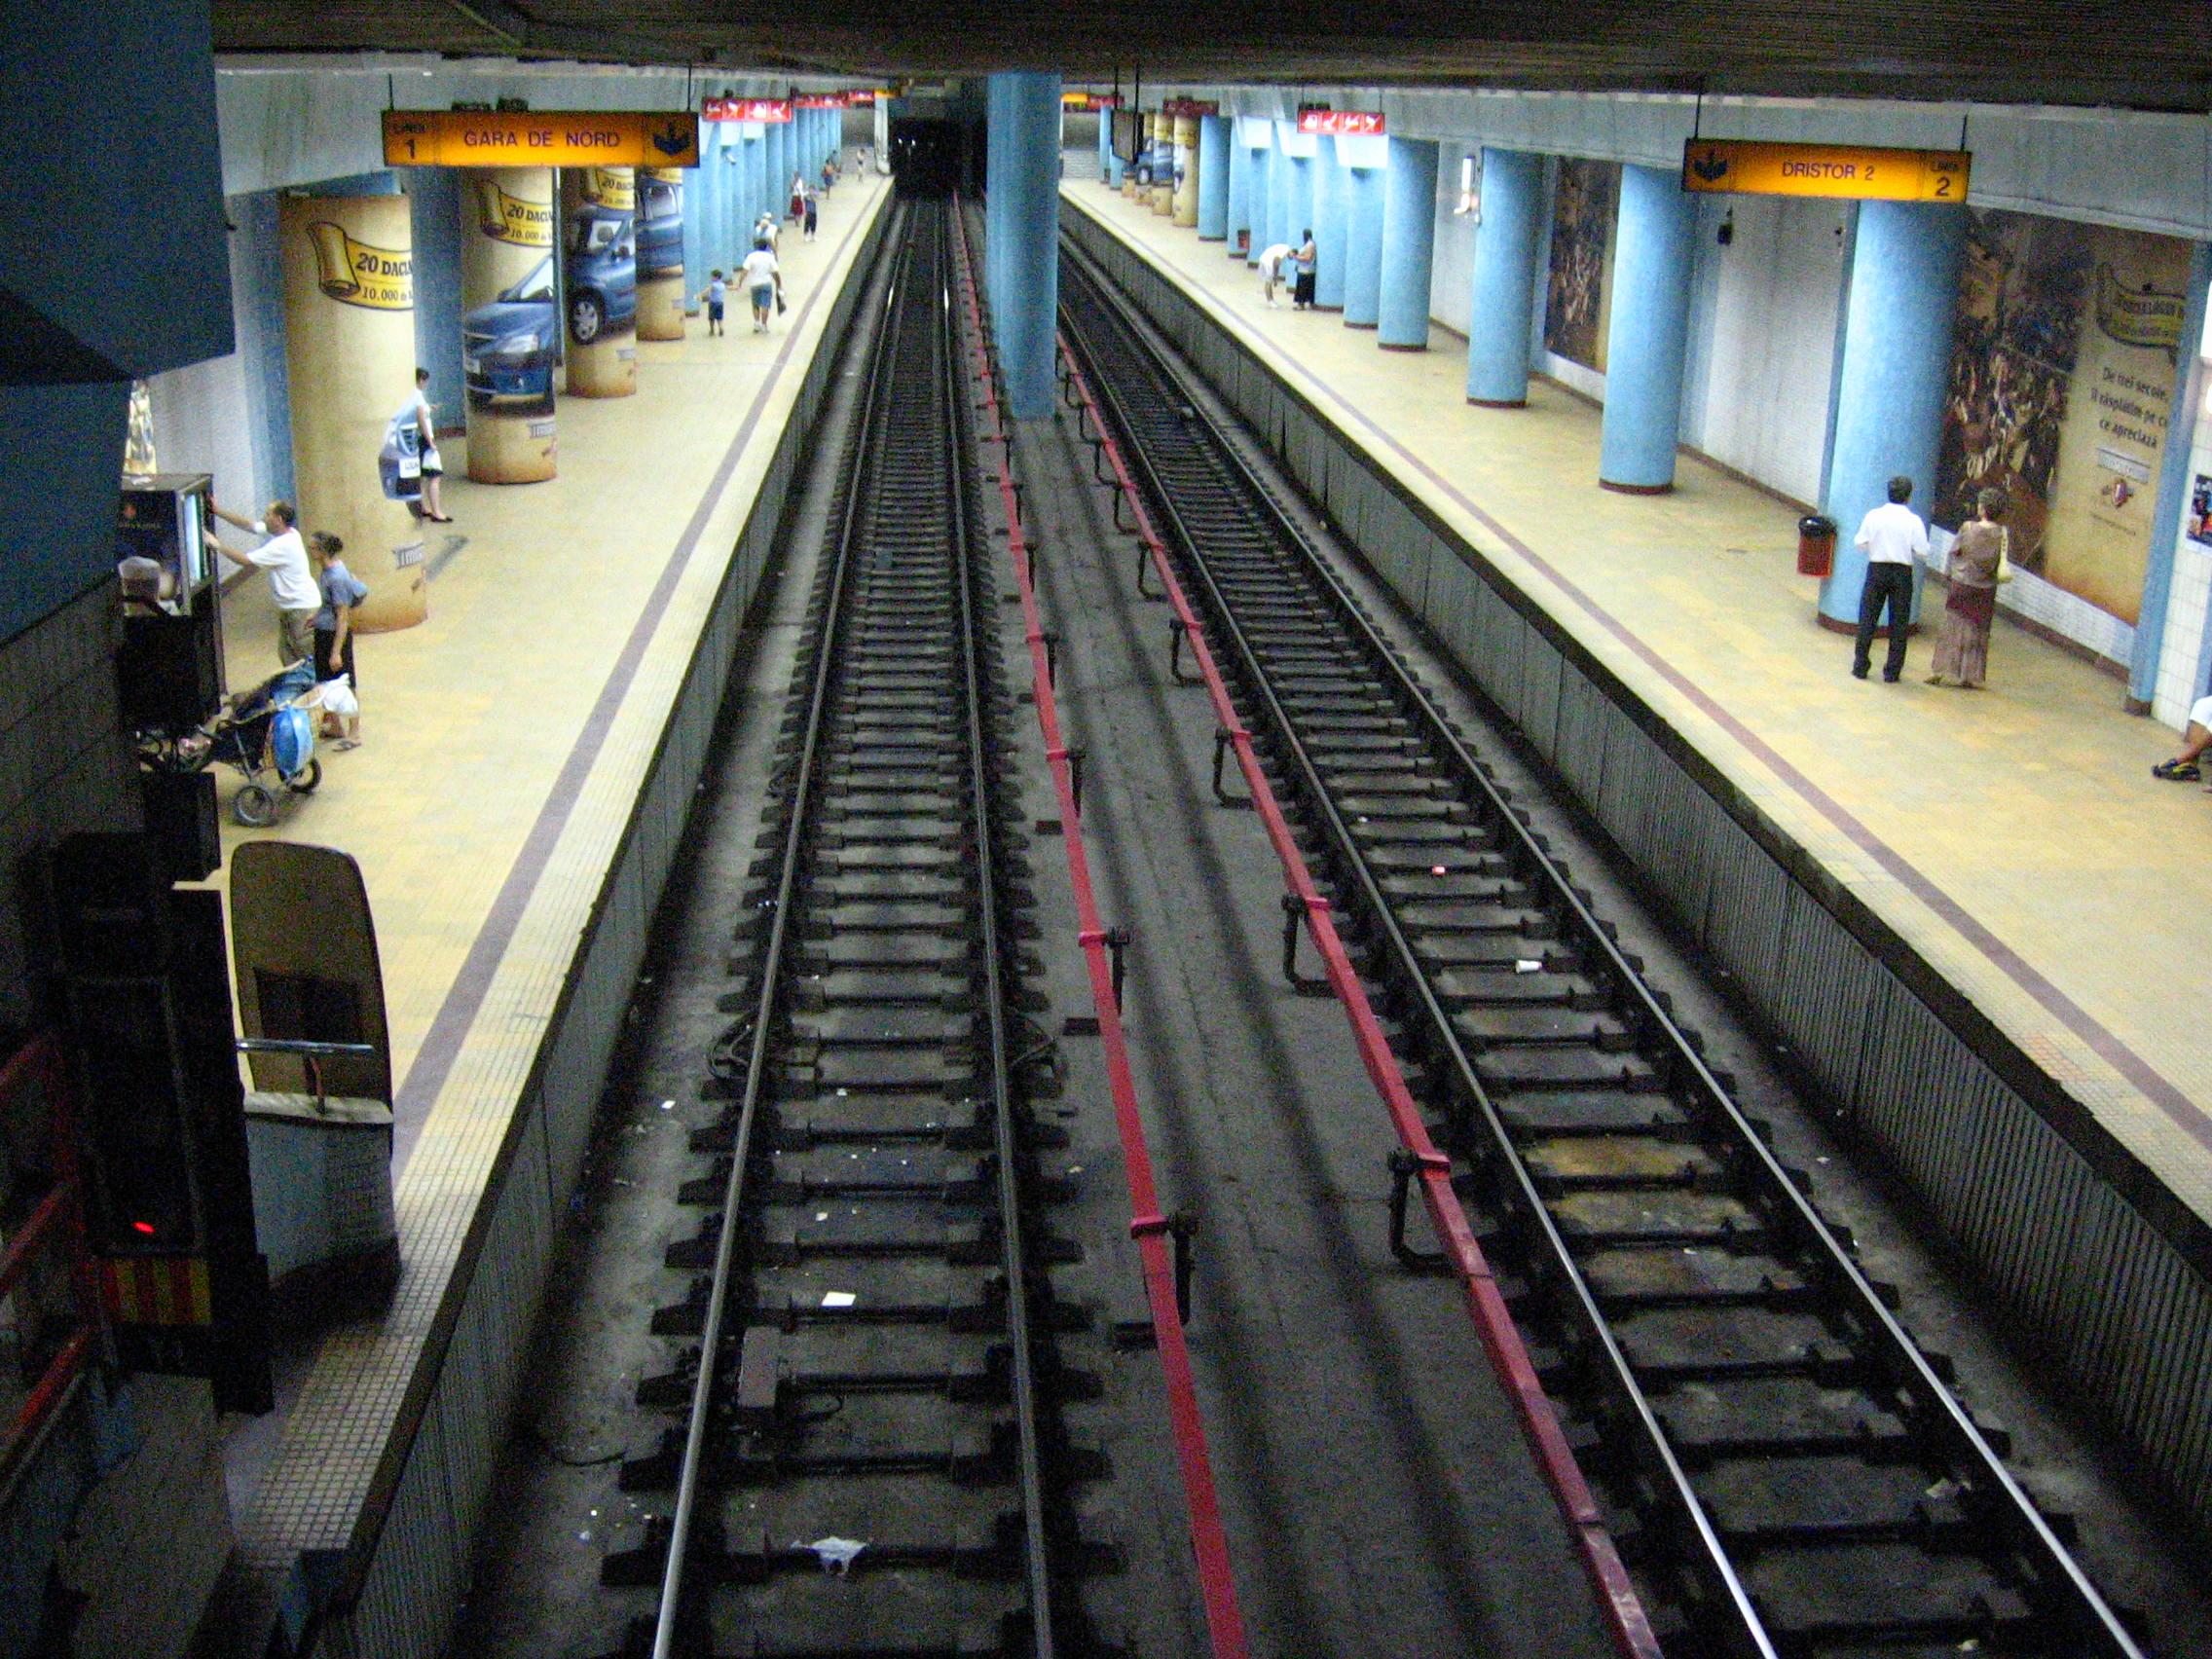 Metroul din Bucuresti: graffitti arta clandestina